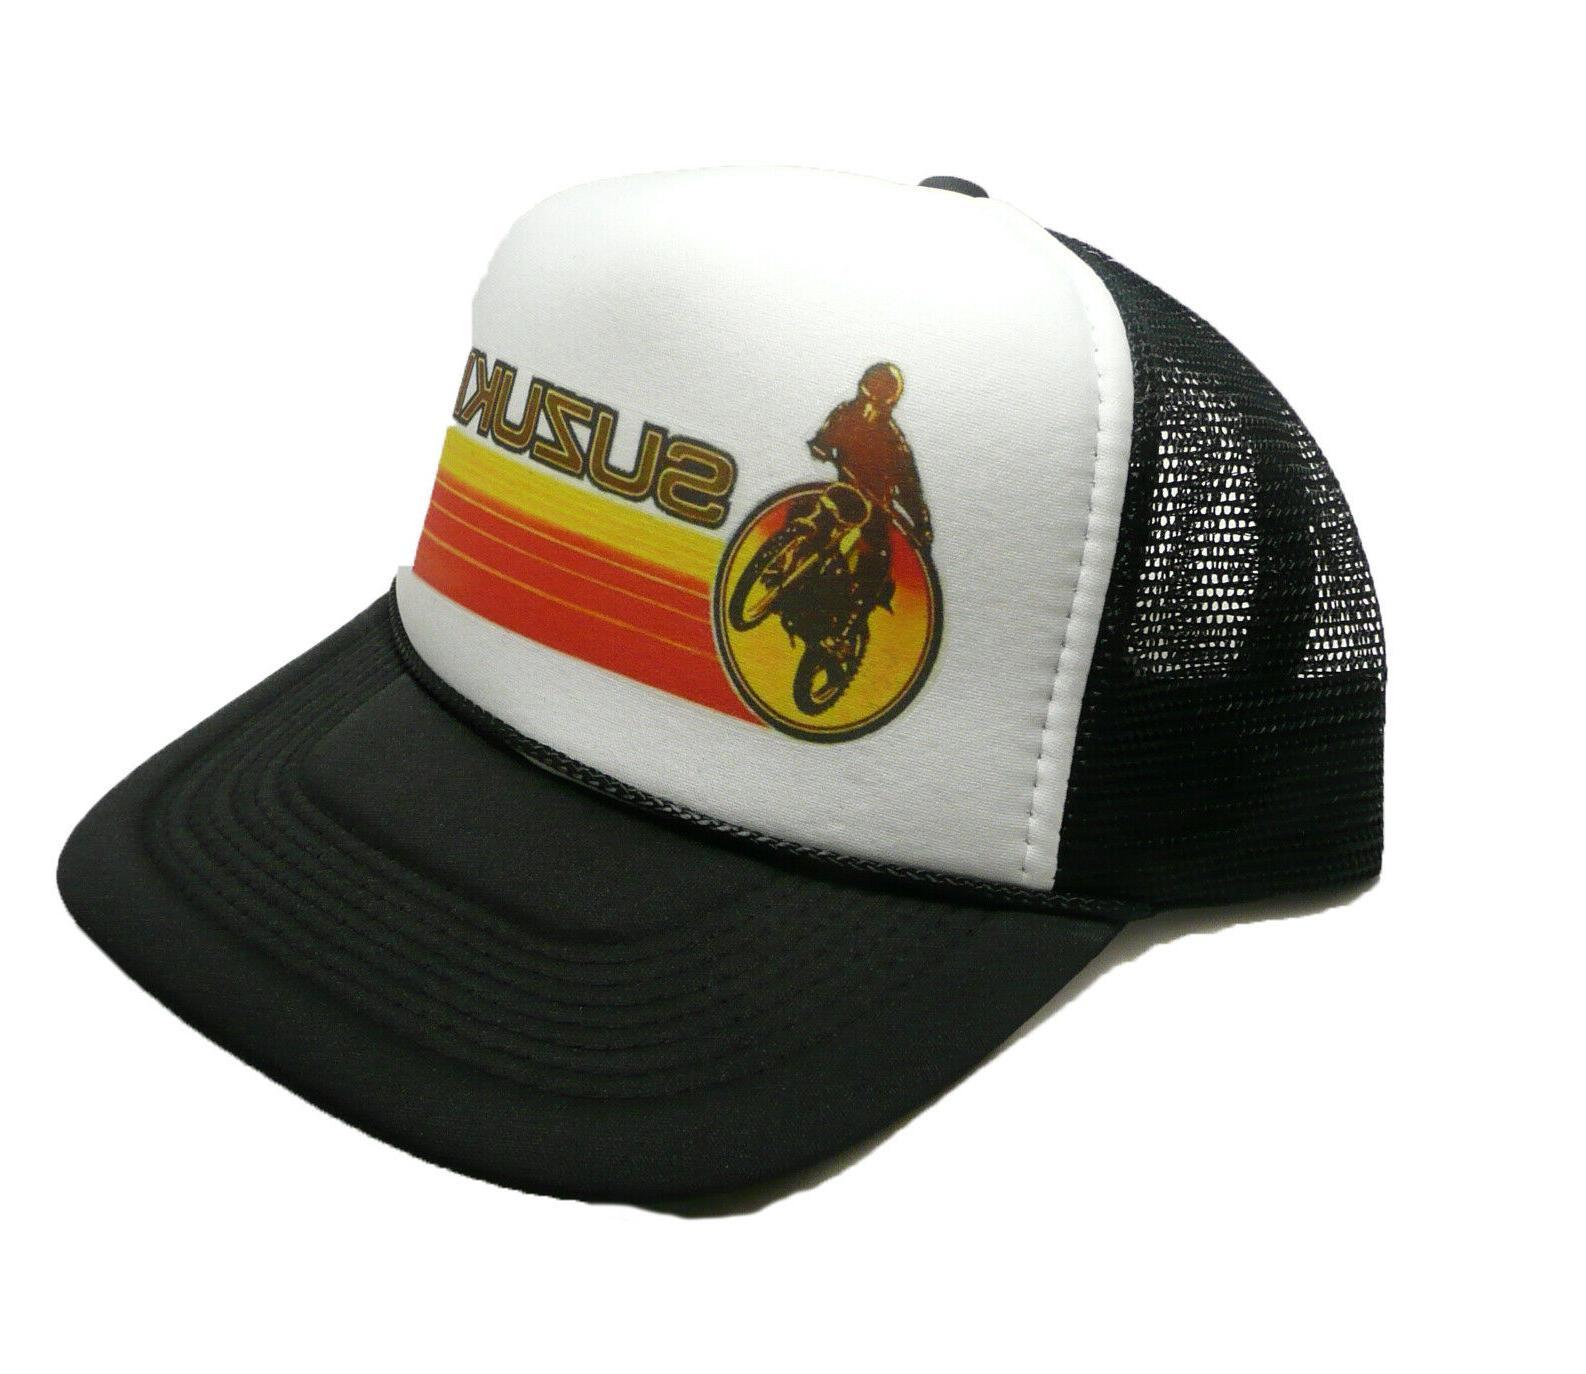 suzuki hat trucker hat snap back hat